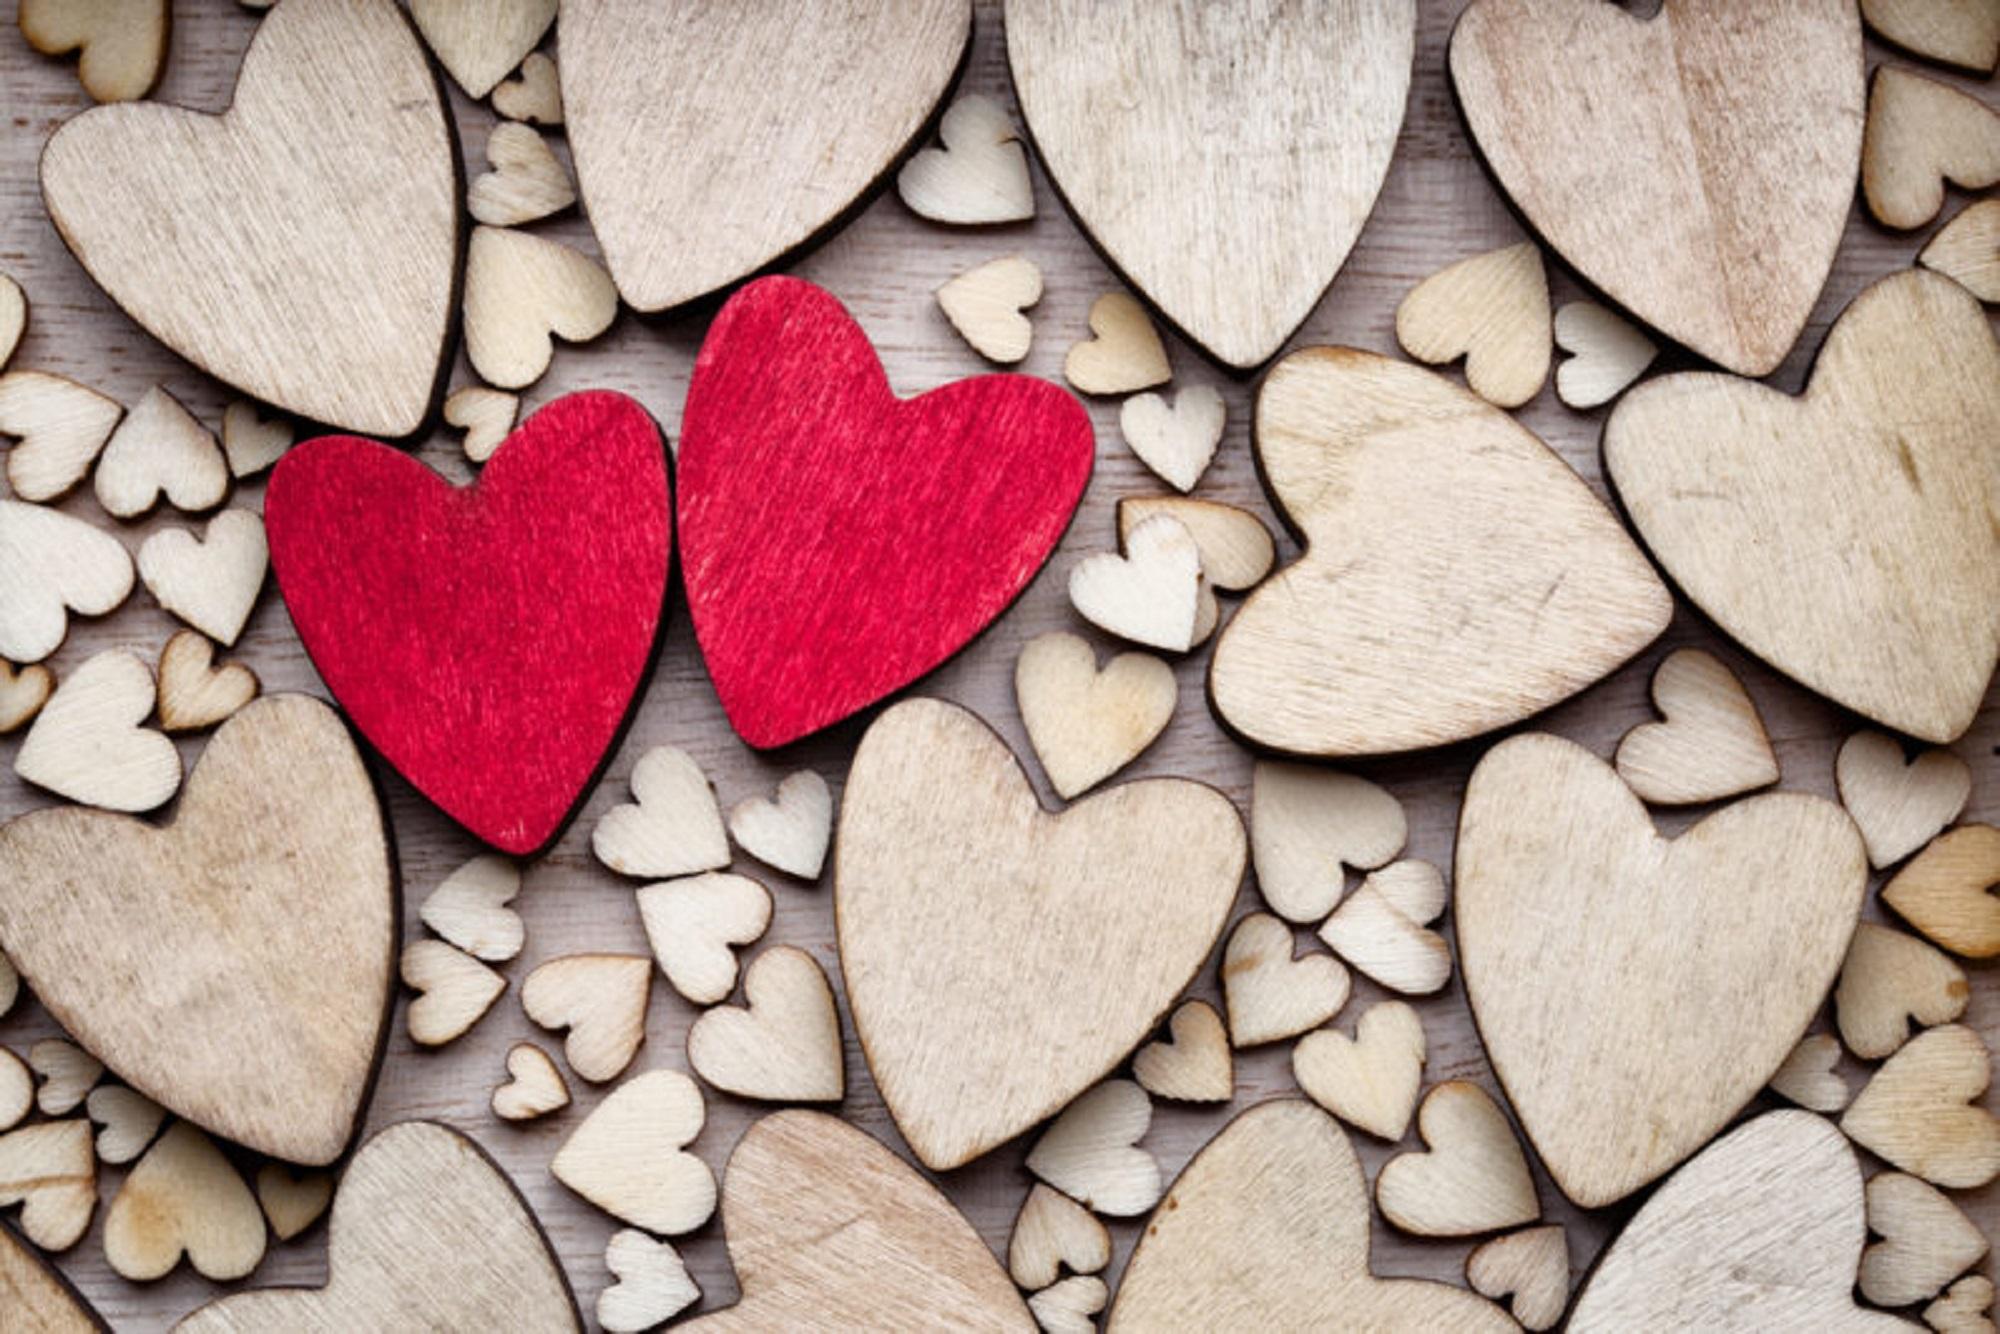 تفاوت بین عشق و هیجان در چیست؟